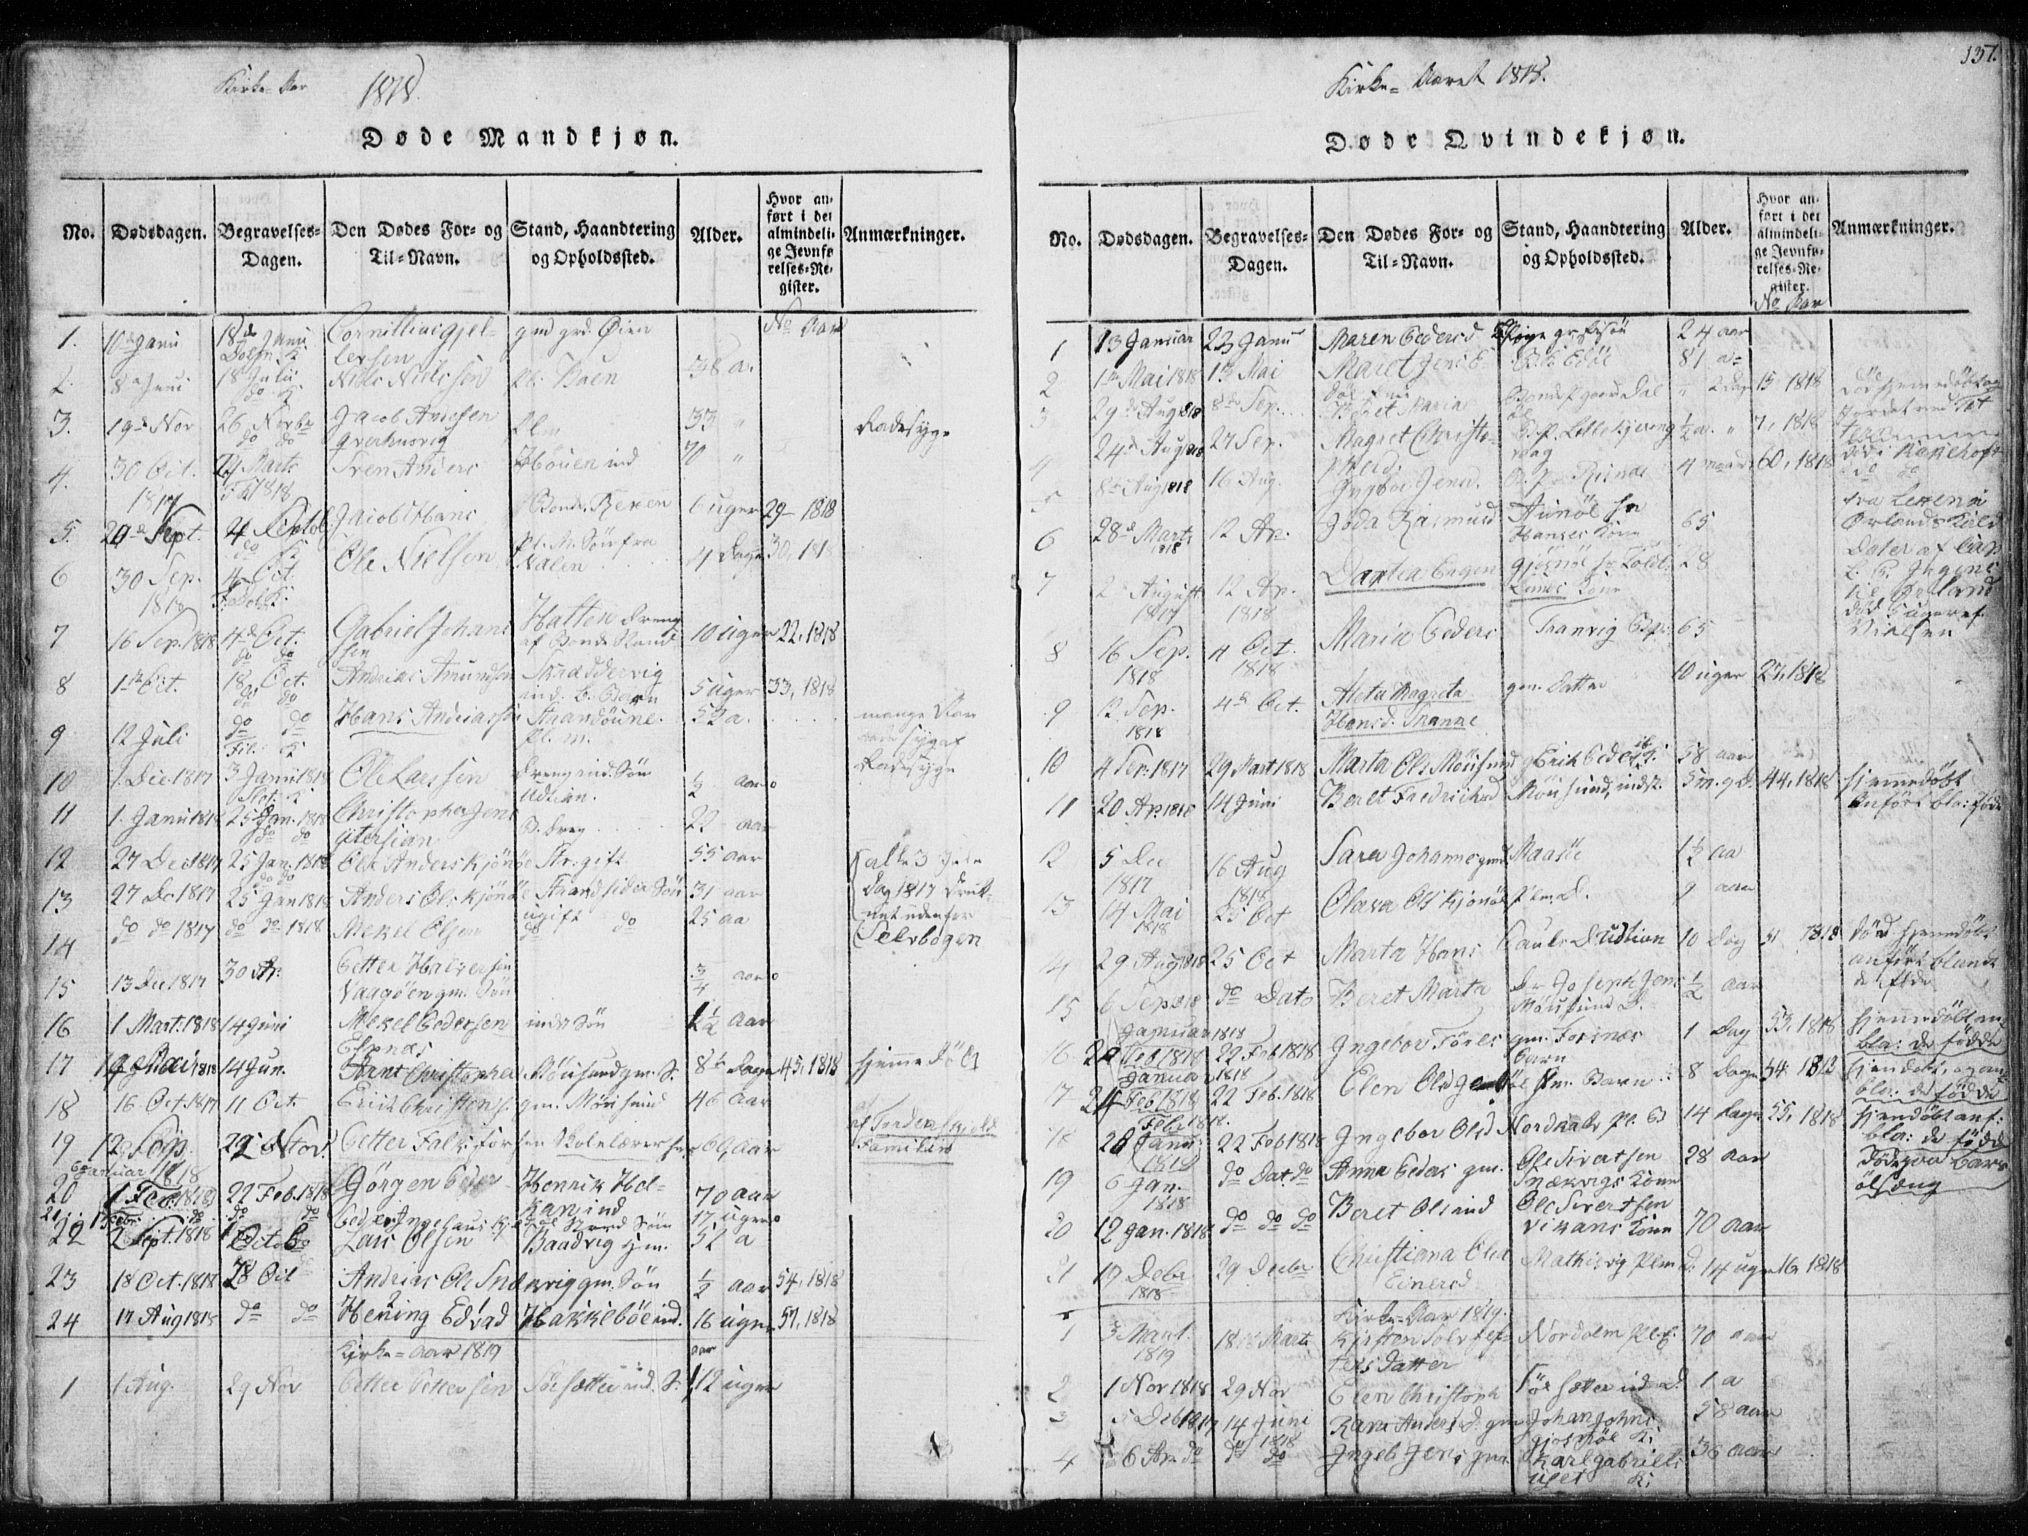 SAT, Ministerialprotokoller, klokkerbøker og fødselsregistre - Sør-Trøndelag, 634/L0527: Ministerialbok nr. 634A03, 1818-1826, s. 137